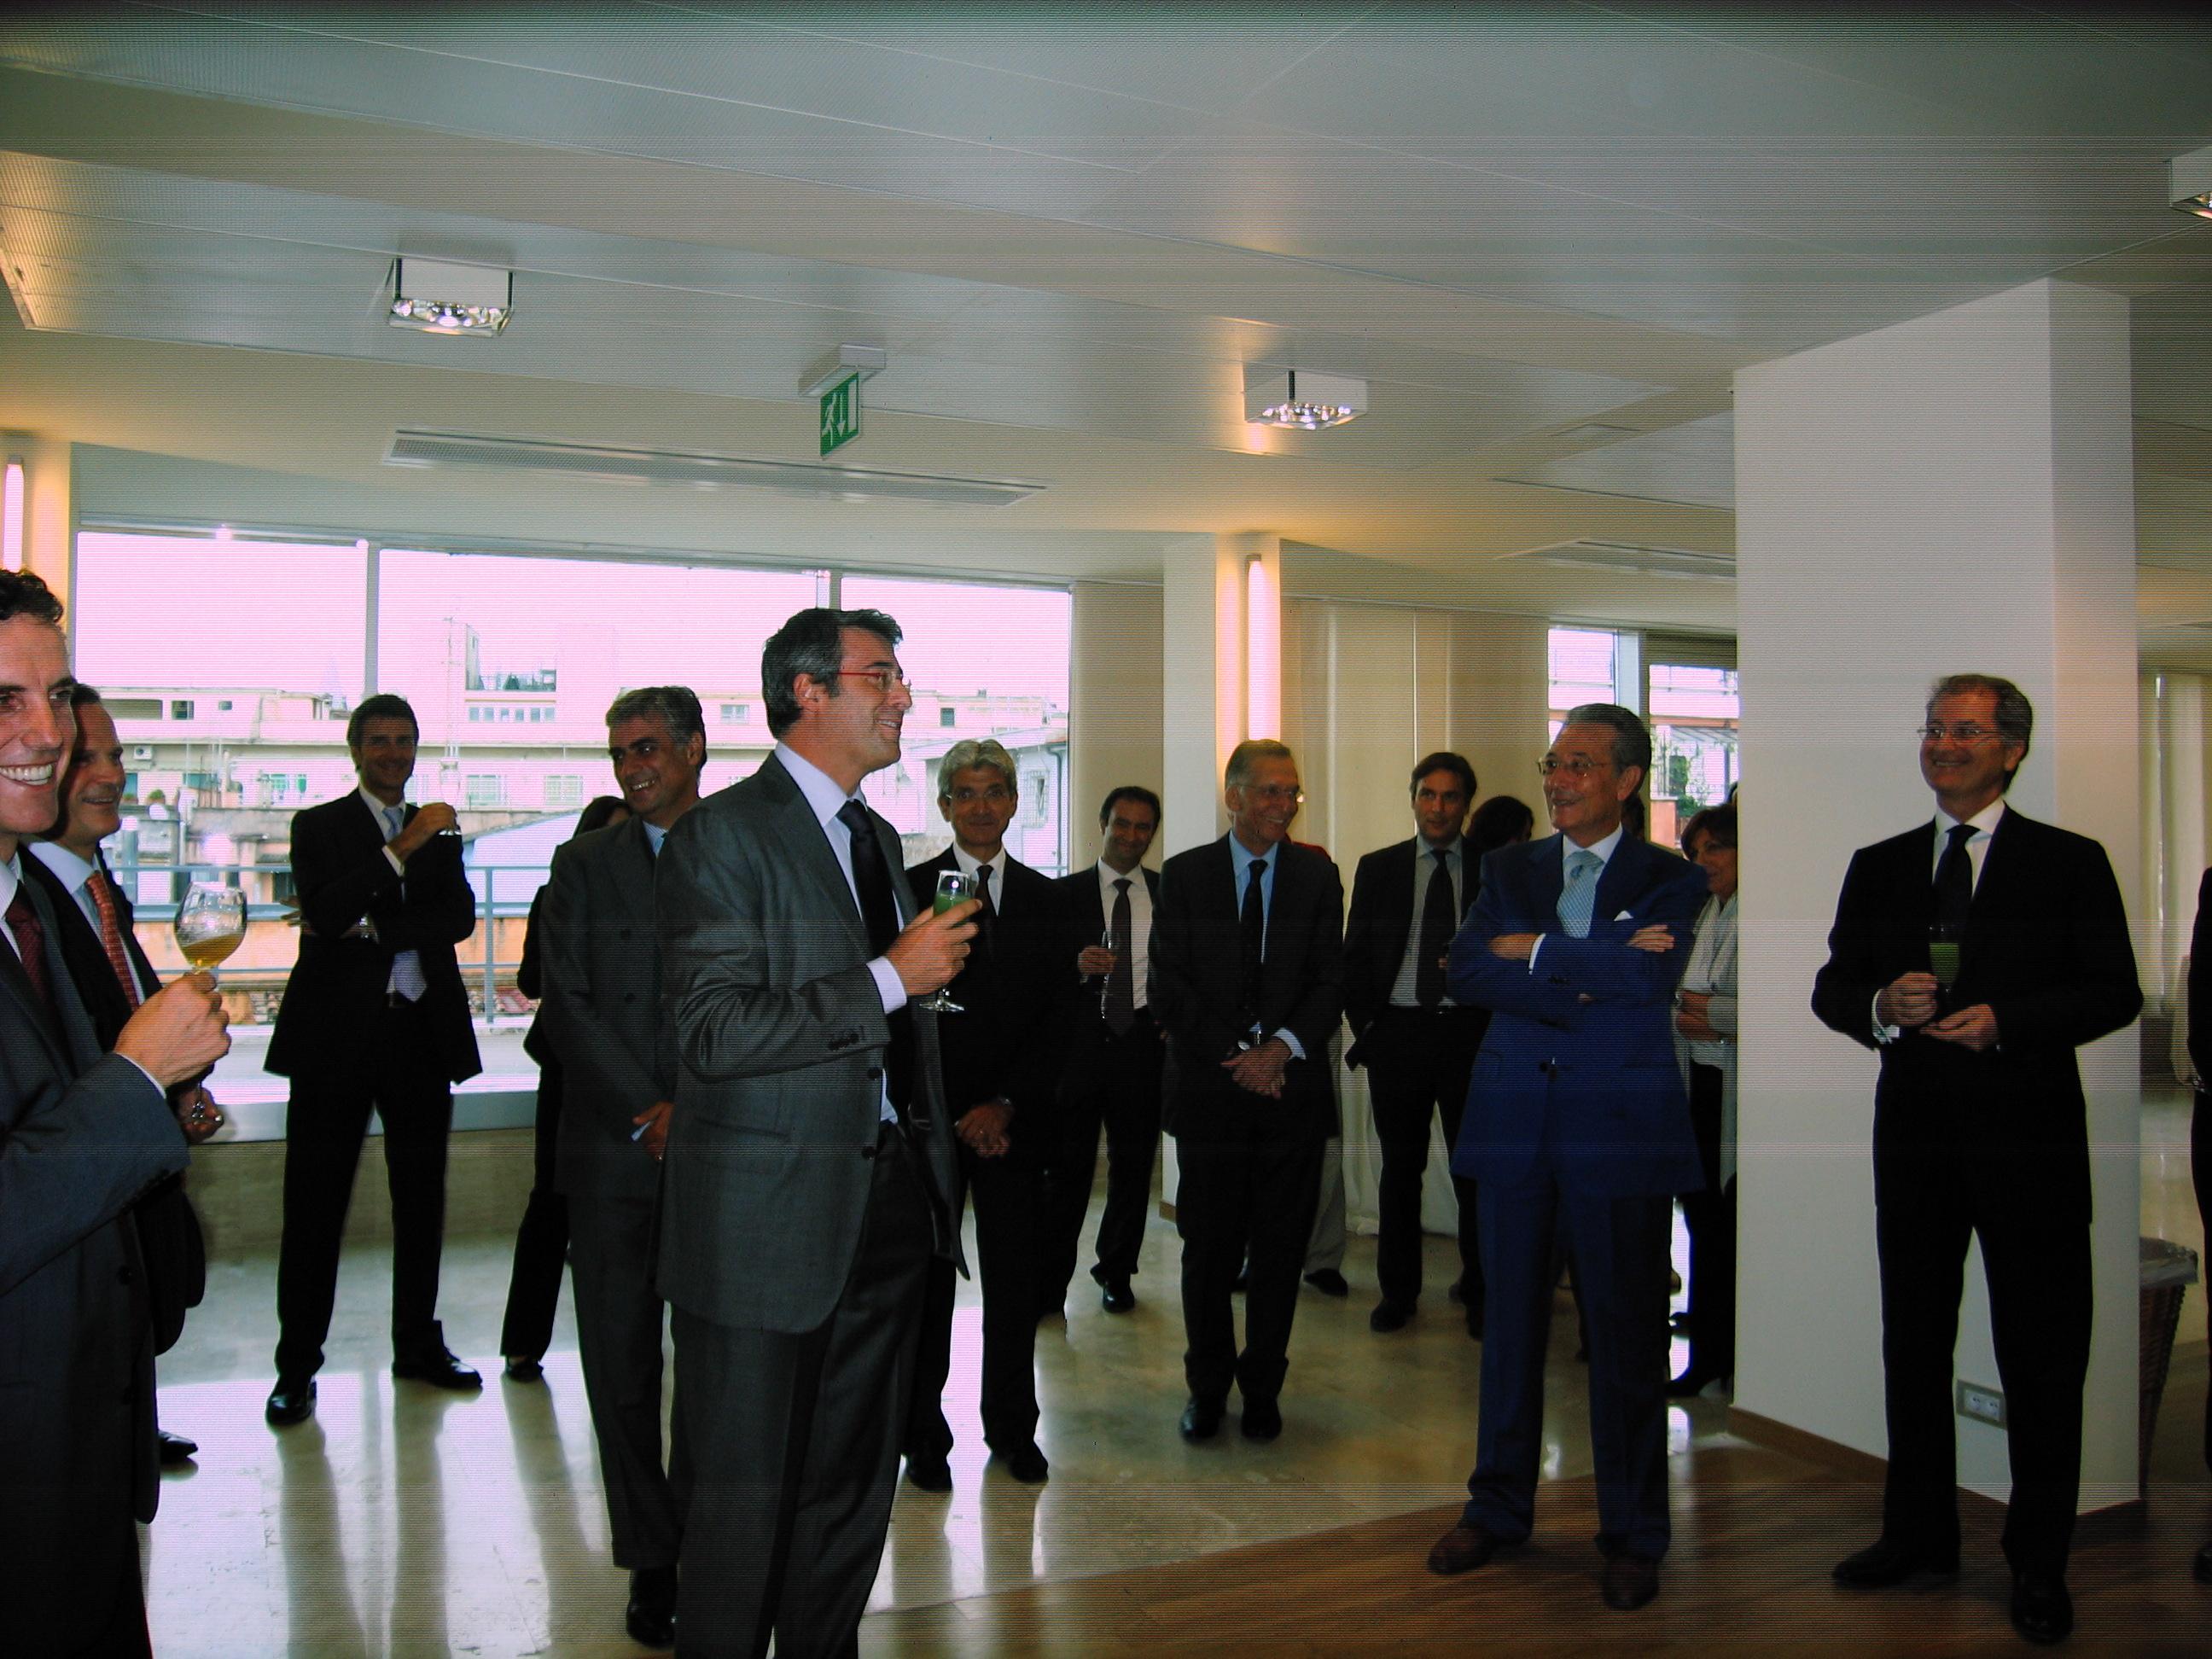 evento-inaugurazione-ina-assitalia-discorso-roma